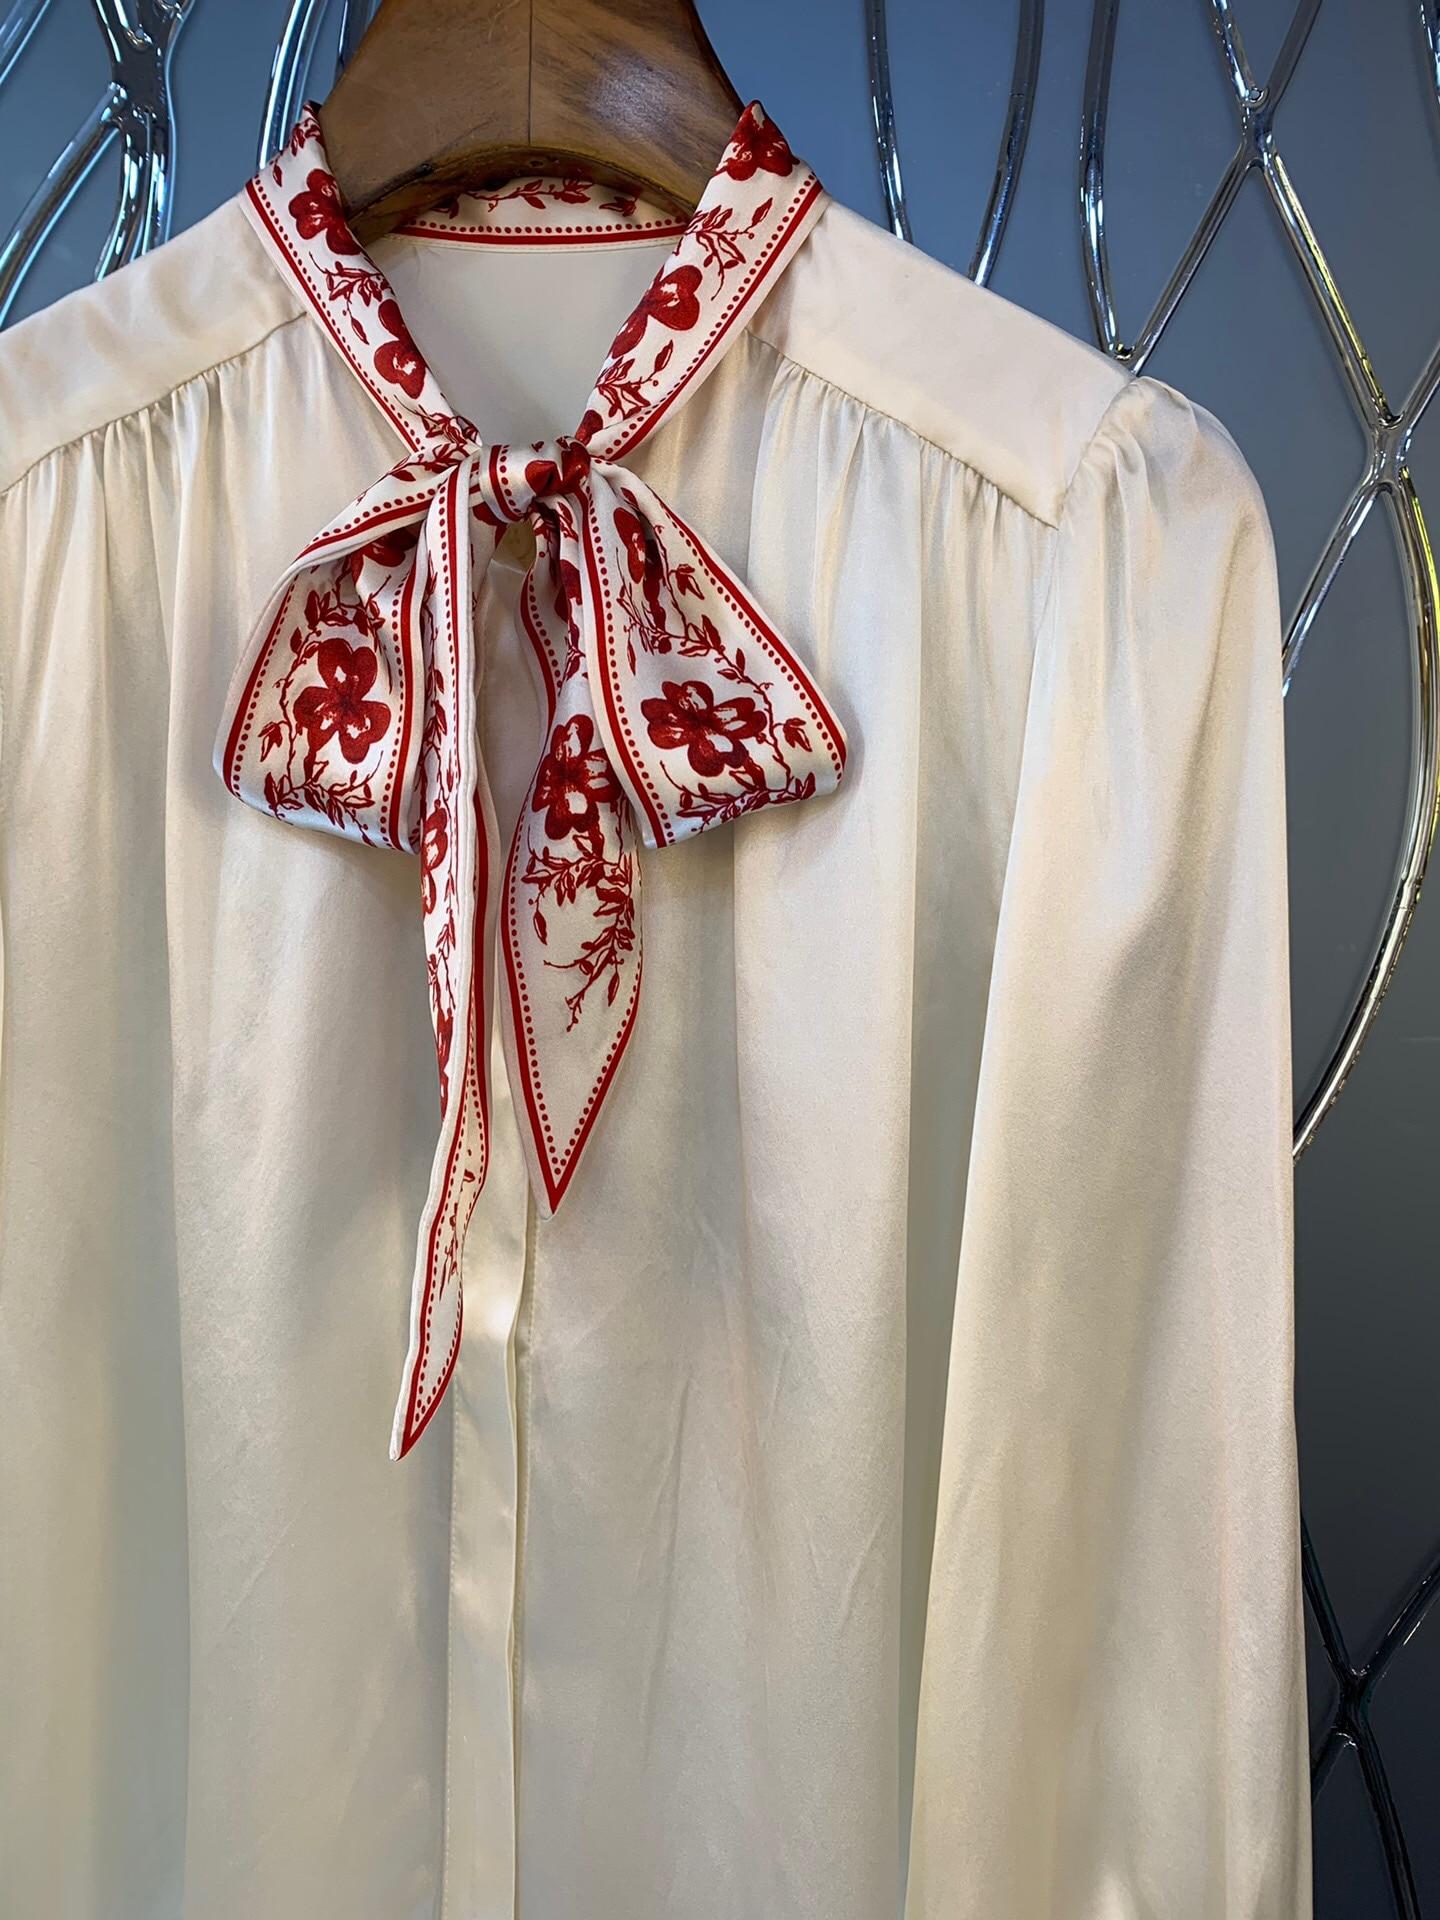 2019 nueva camisa de seda de manga larga con cuello de lazo y estampado Vintage elegante envío gratis a todo el mundo - 3